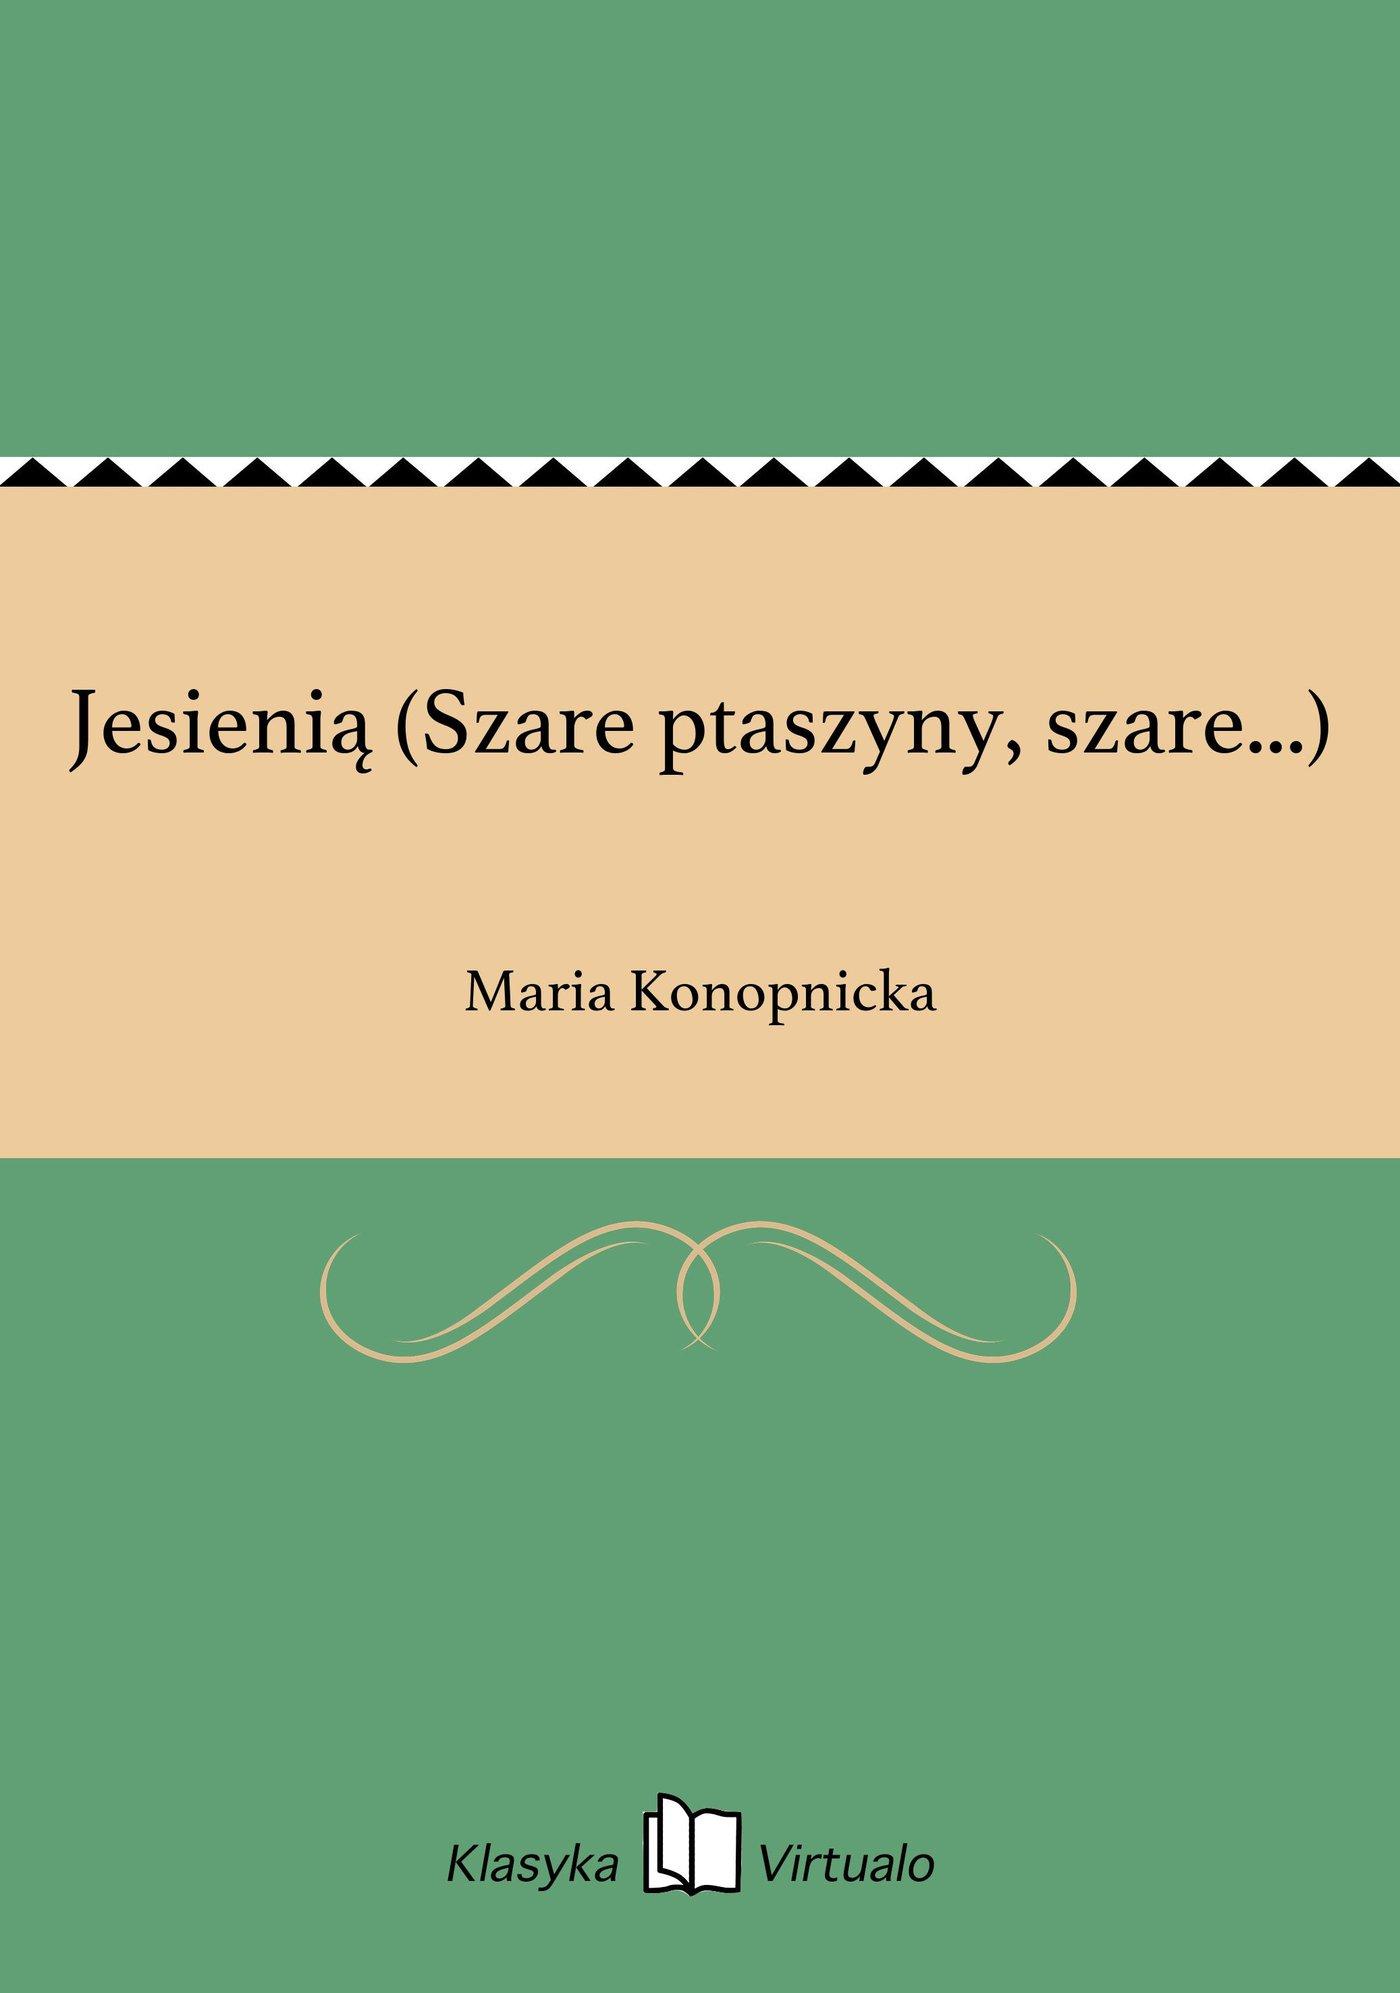 Jesienią (Szare ptaszyny, szare...) - Ebook (Książka EPUB) do pobrania w formacie EPUB